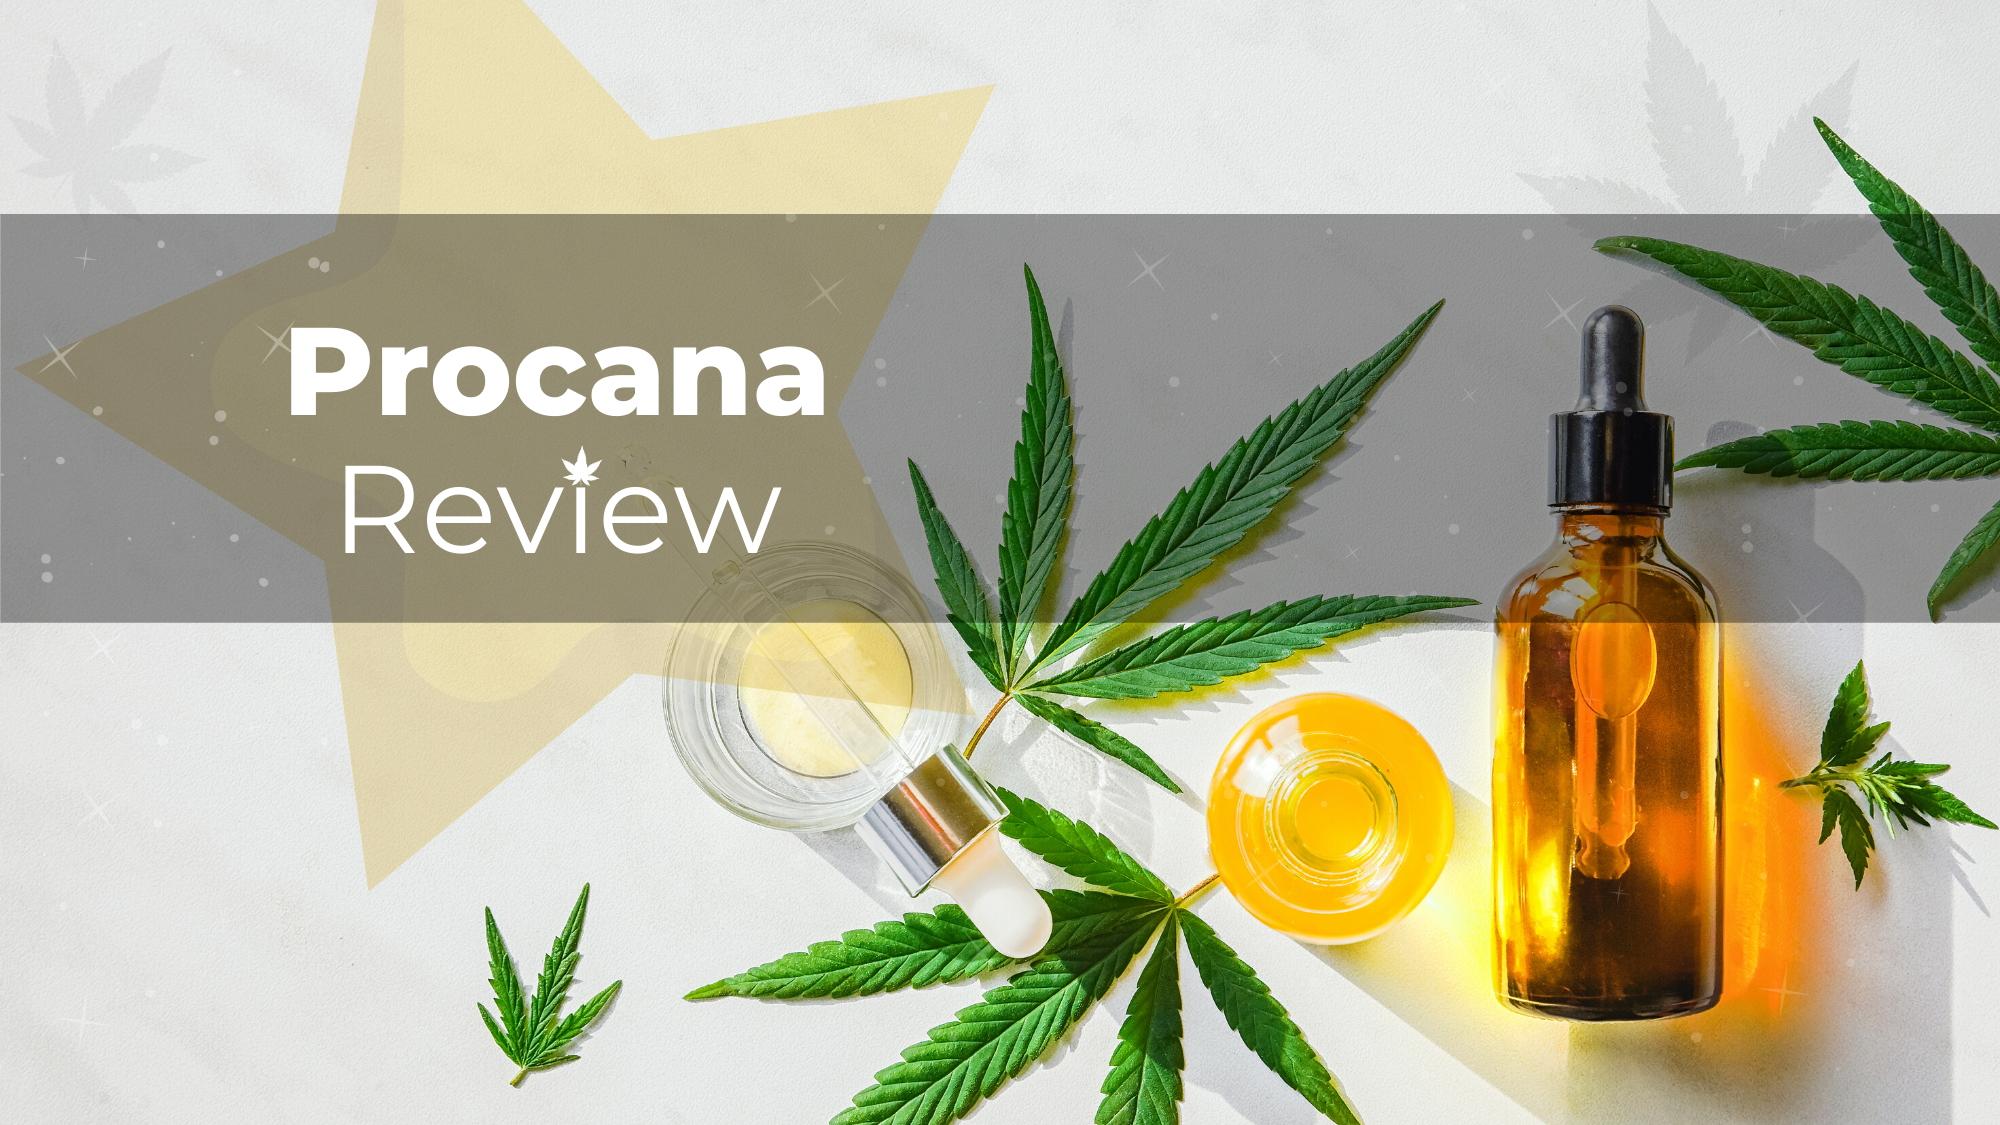 Procana Review